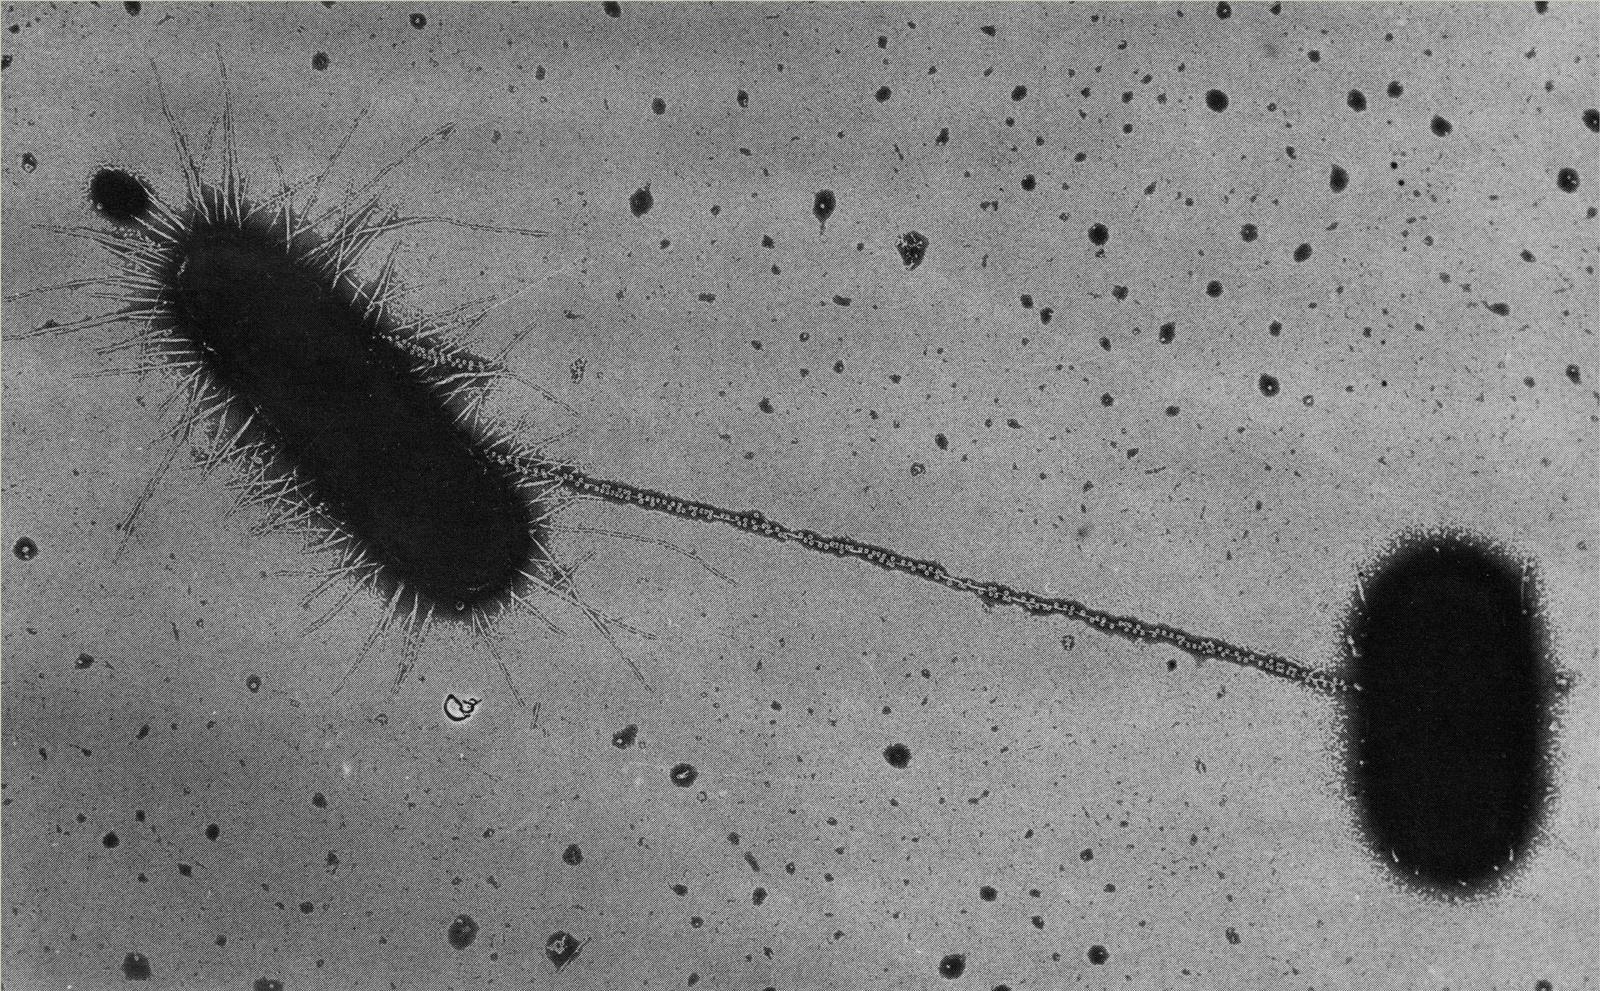 Bacteria Sex 46